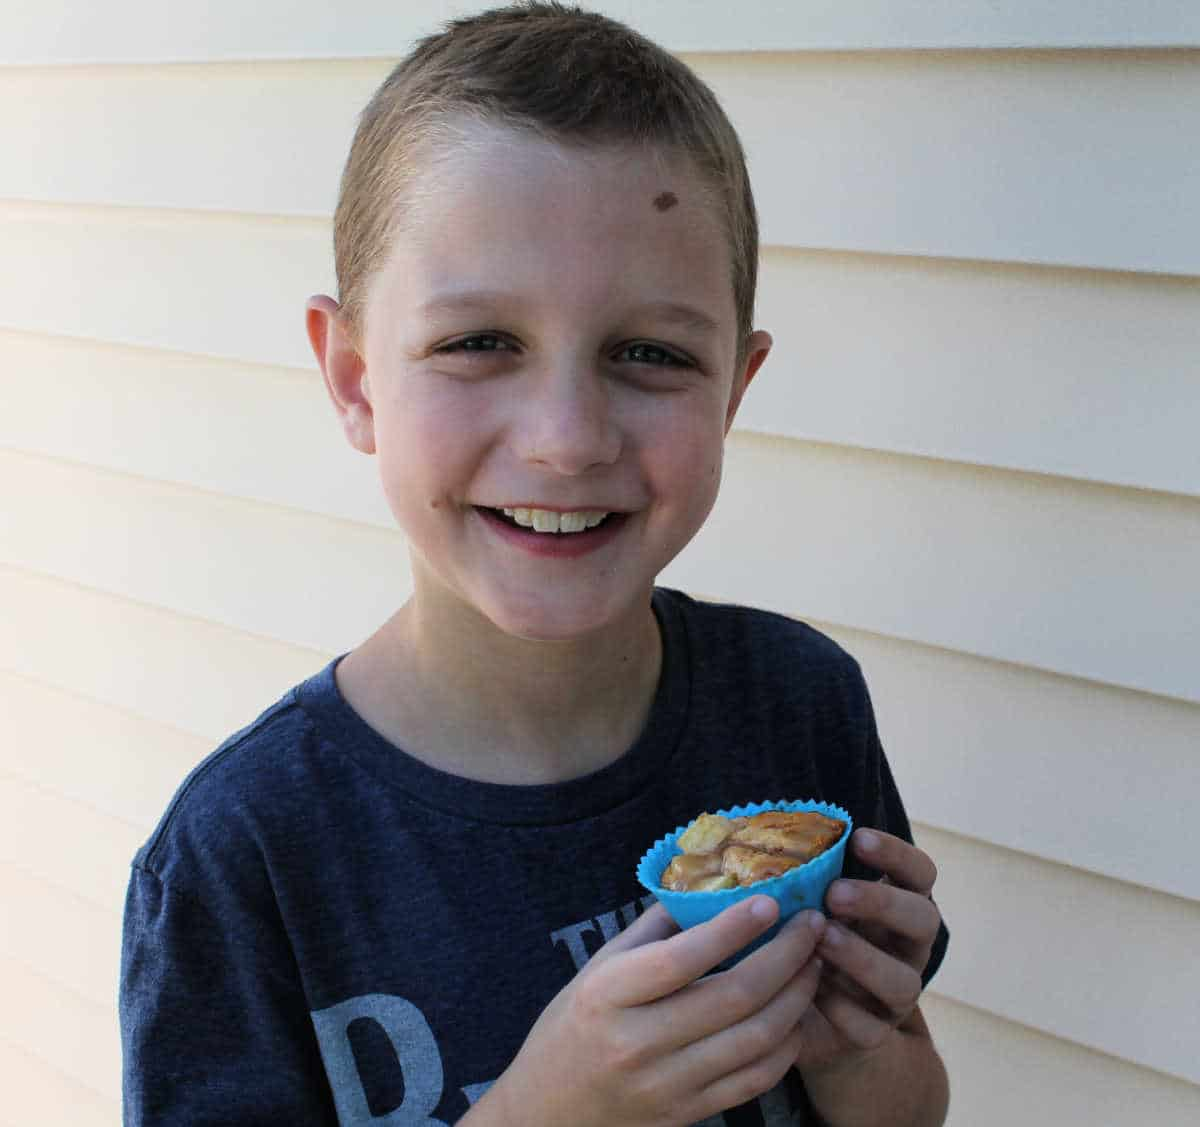 a boy holding an apple cupcake